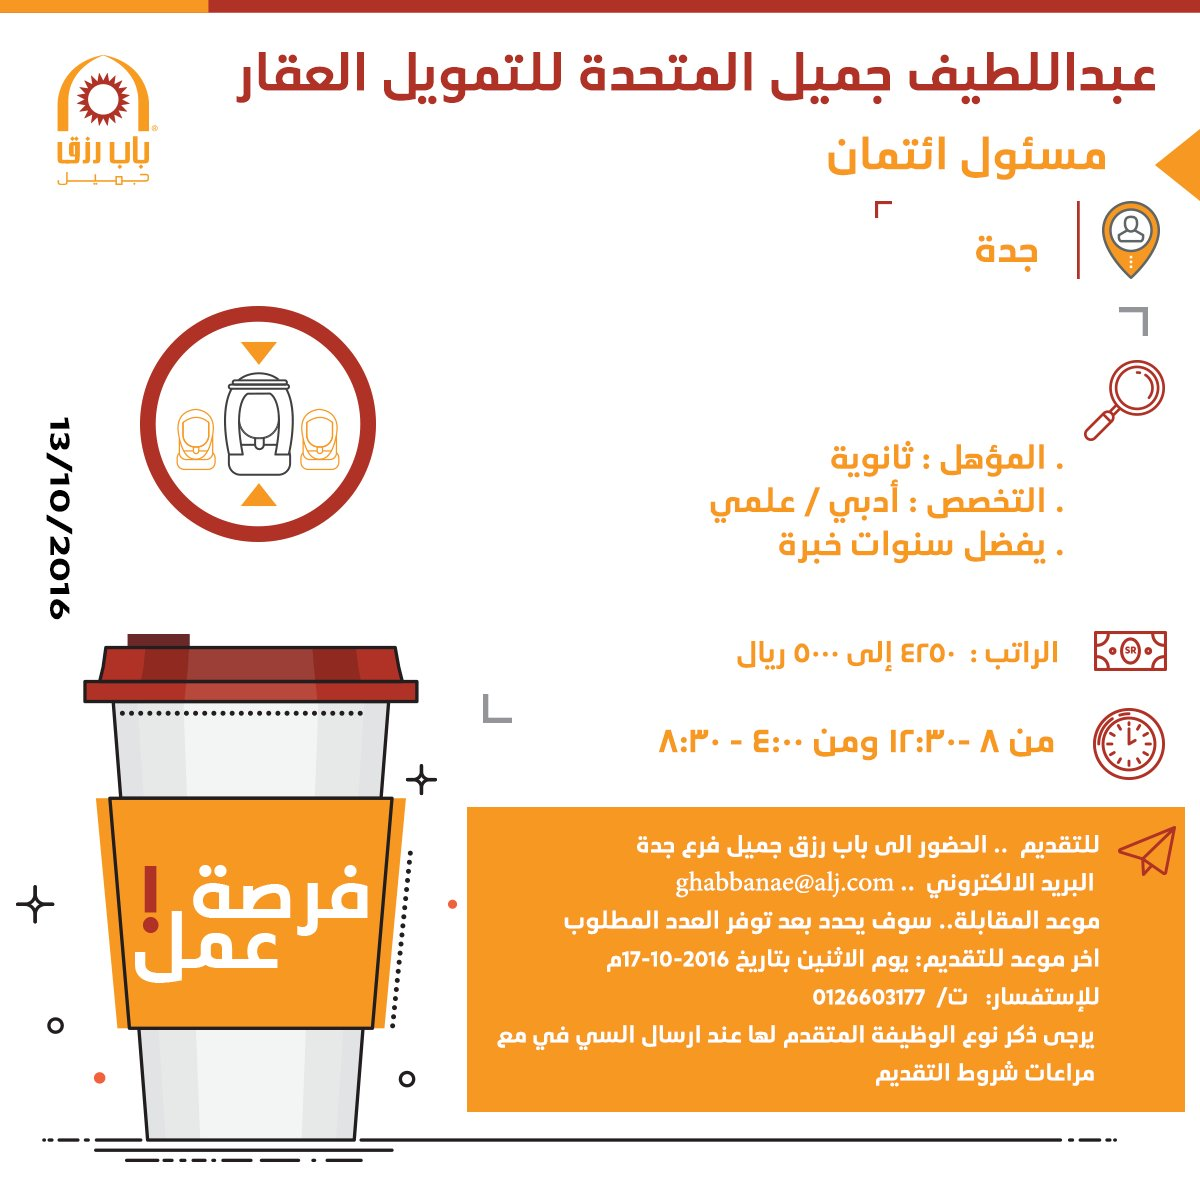 مطلوب مسؤول ائتمان لشركة عبد اللطيف جميل المتحدة لتمويل العقار - جدة